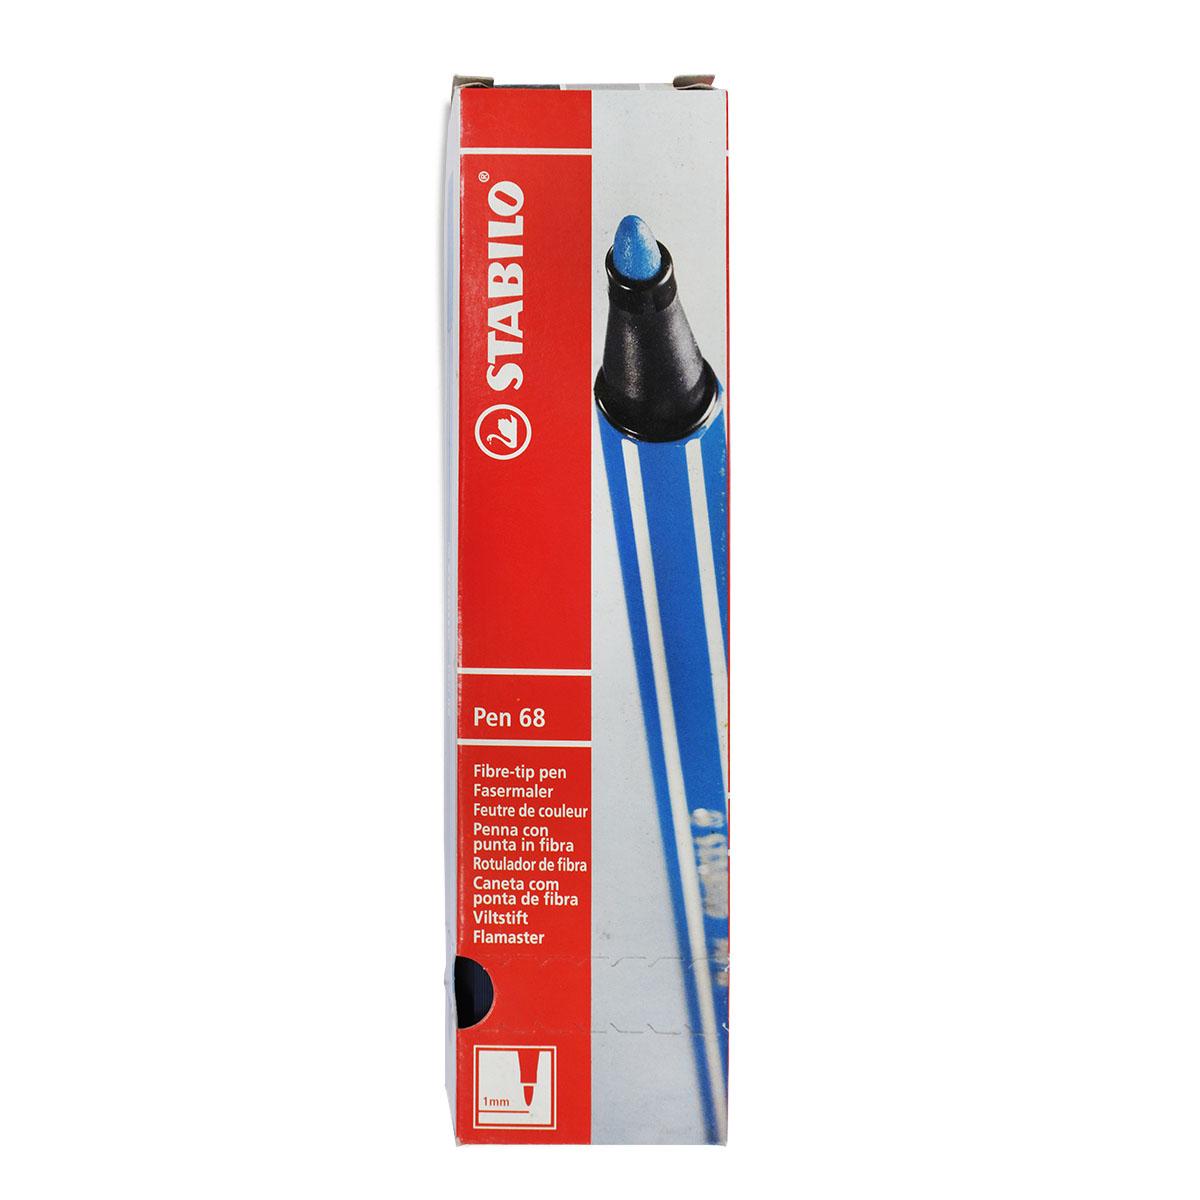 Hộp 10 Bút lông STABILO Pen 68 1.0mm màu bùn xanh phấn (PN68/10-37)